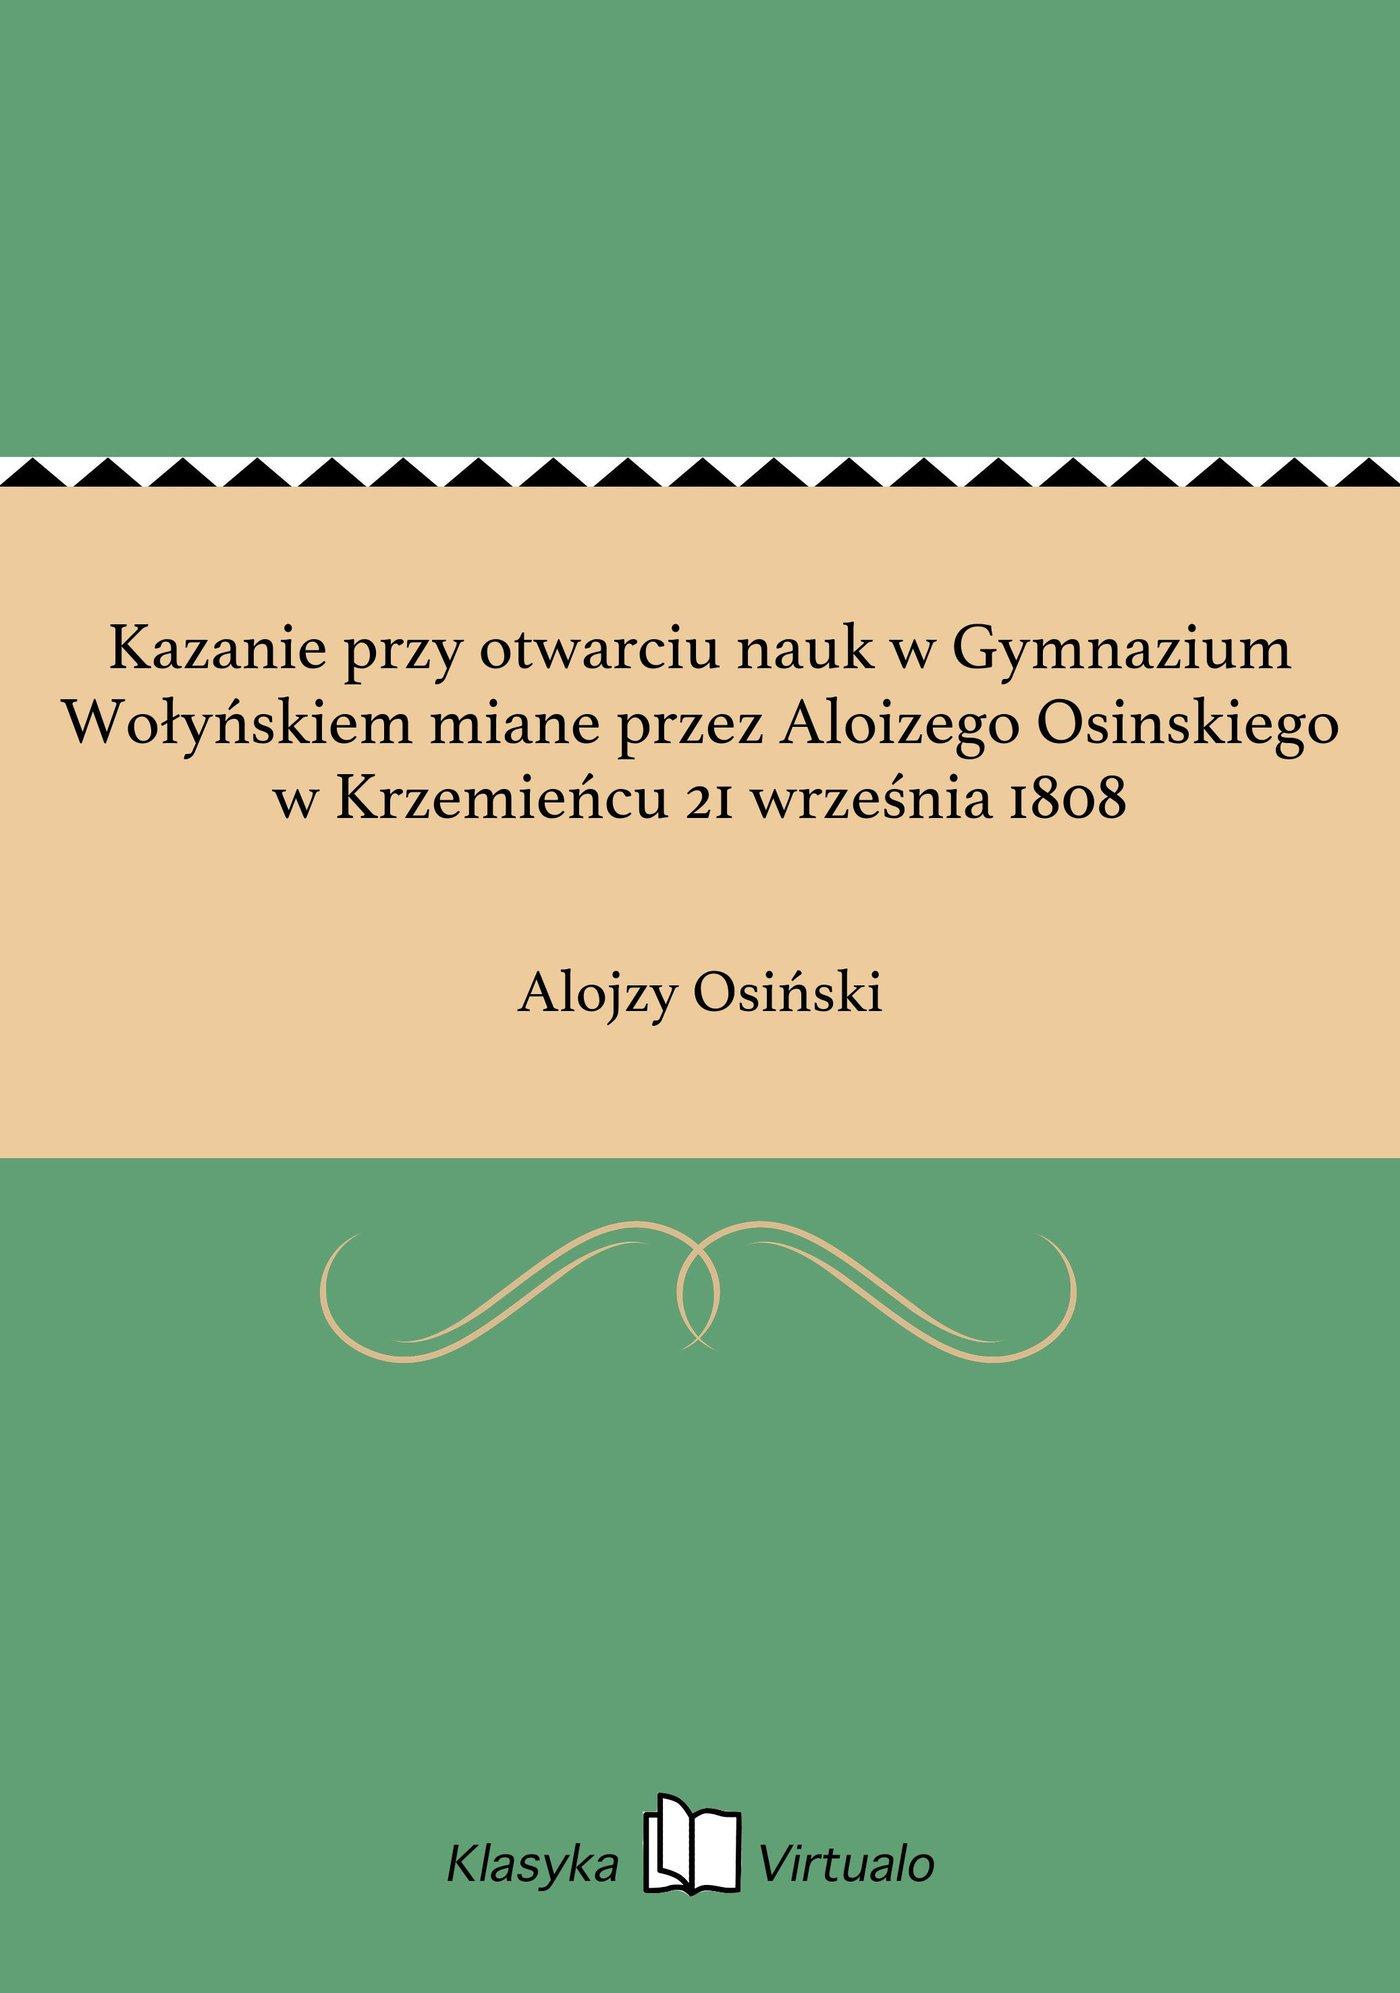 Kazanie przy otwarciu nauk w Gymnazium Wołyńskiem miane przez Aloizego Osinskiego w Krzemieńcu 21 września 1808 - Ebook (Książka EPUB) do pobrania w formacie EPUB